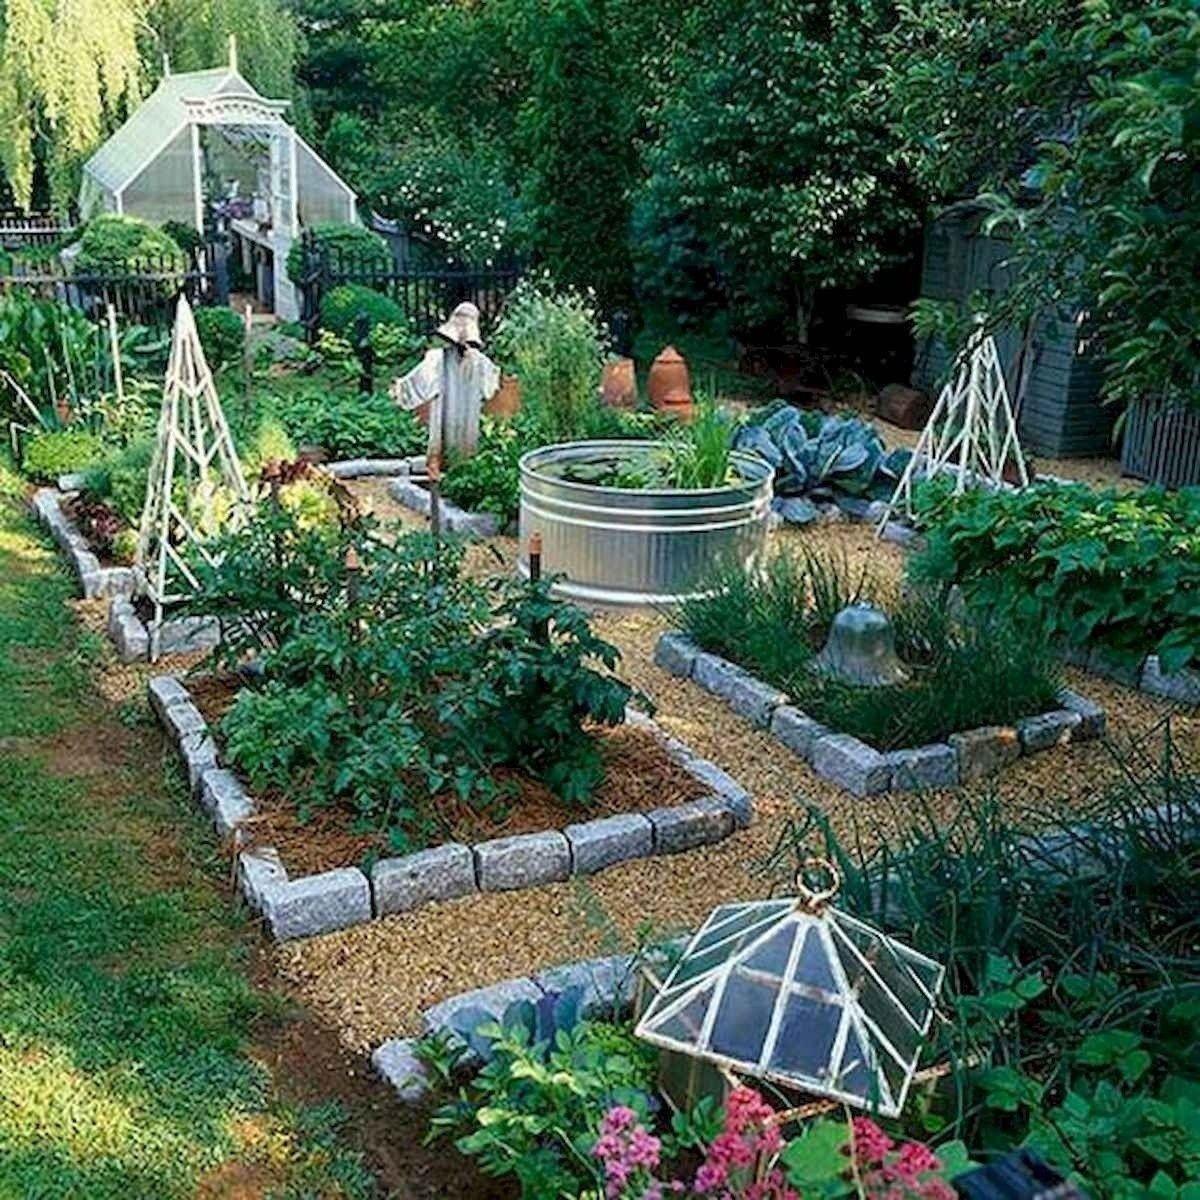 26 Creative Vegetable Garden Ideas And Decorations Backyard Garden Layout Backyard Vegetable Gardens Garden Layout